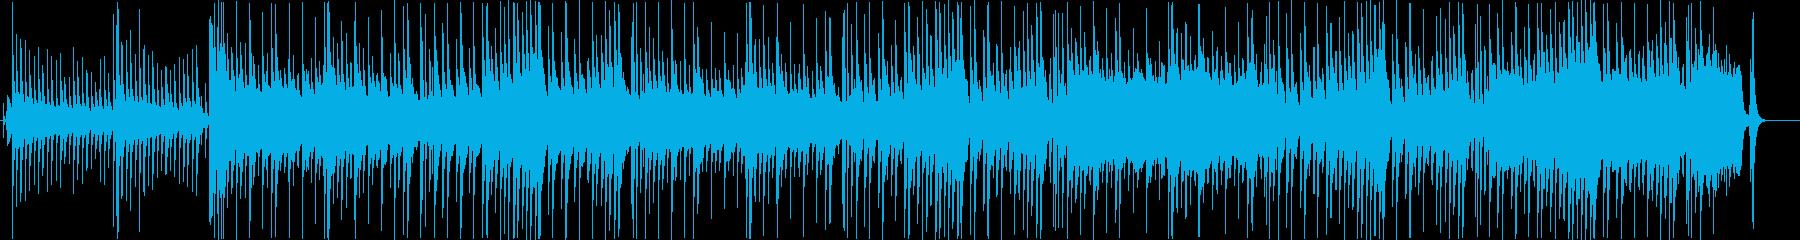 カリンバの音色が優しい雰囲気の3拍子の再生済みの波形